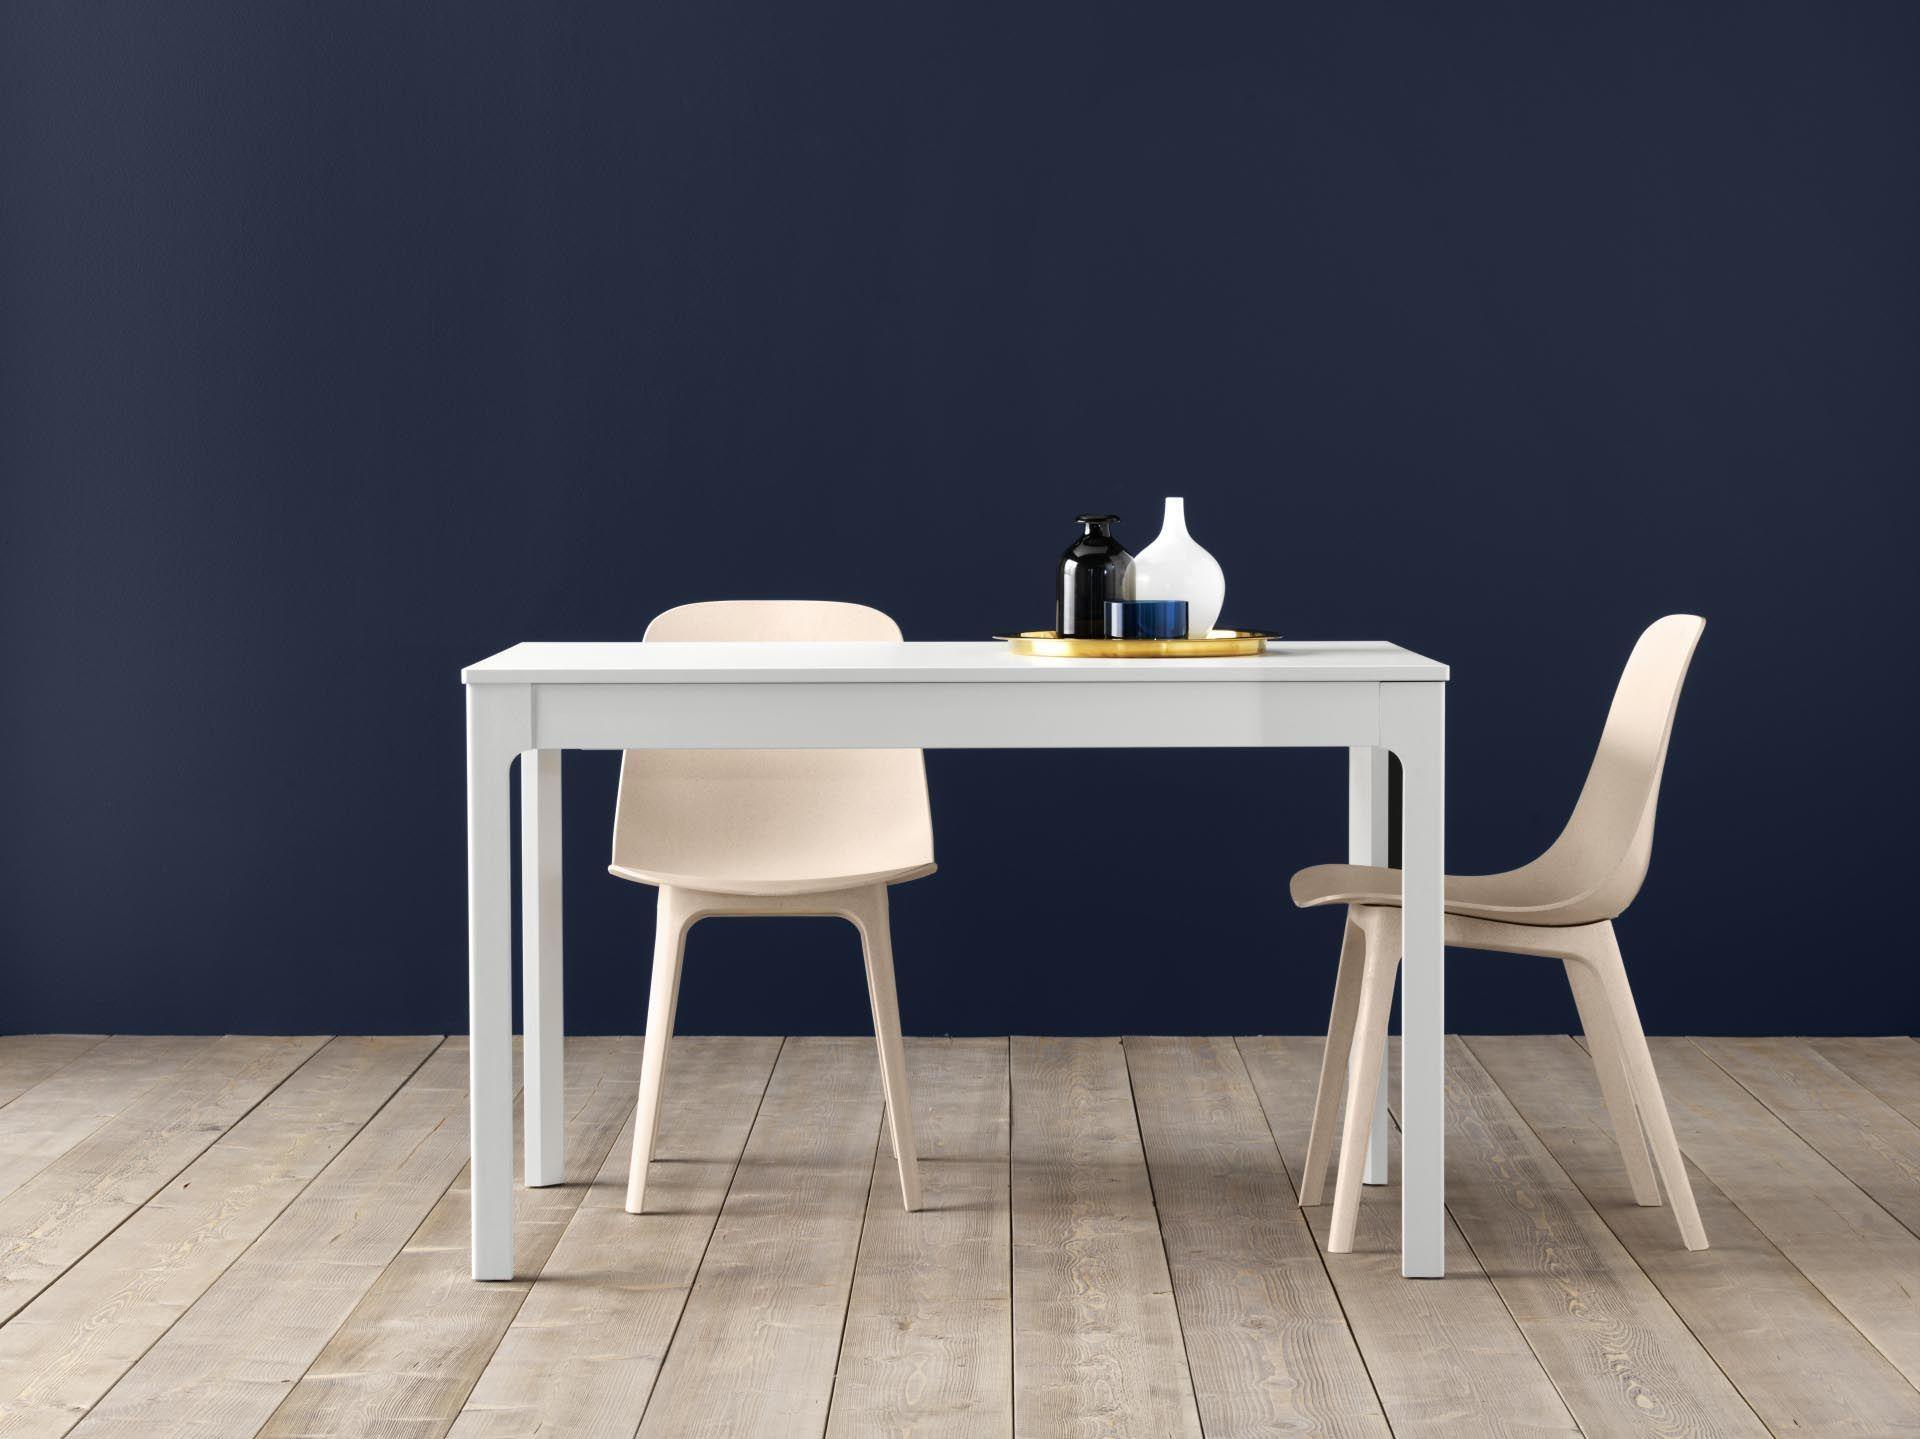 Eettafel Ikea Uitschuifbaar.Ekedalen Uitschuifbare Tafel Wit Marlou Designdroom